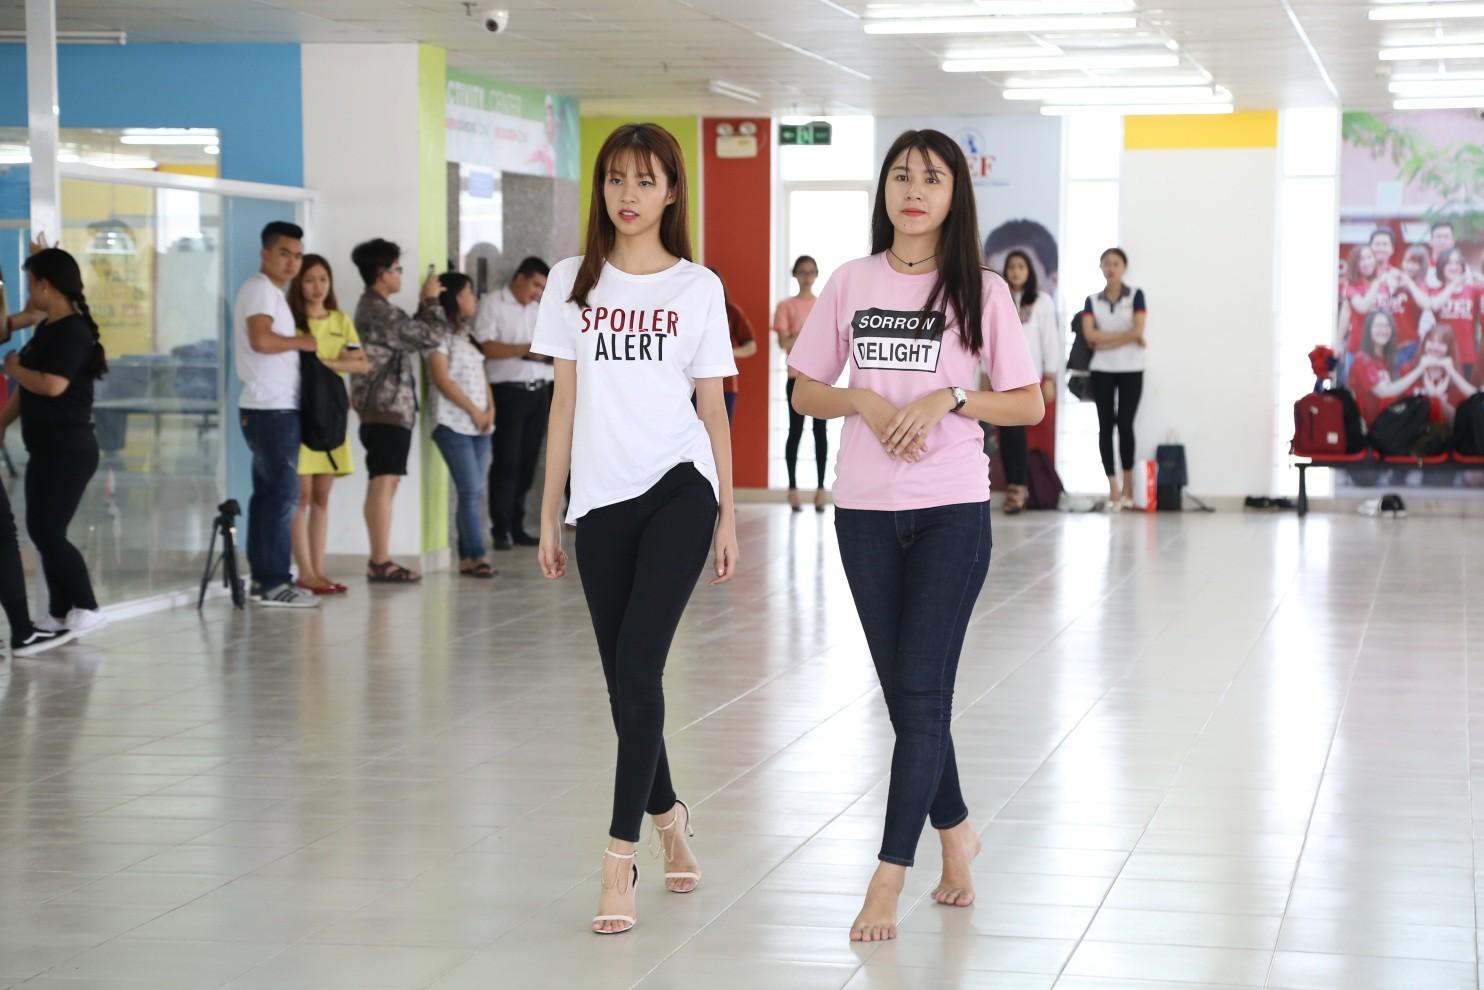 Ông bầu của các hoa hậu – NTK Nguyễn Việt Hùng là gương mặt đồng hành với cuộc thi Miss UEF 2019 - Ảnh 6.